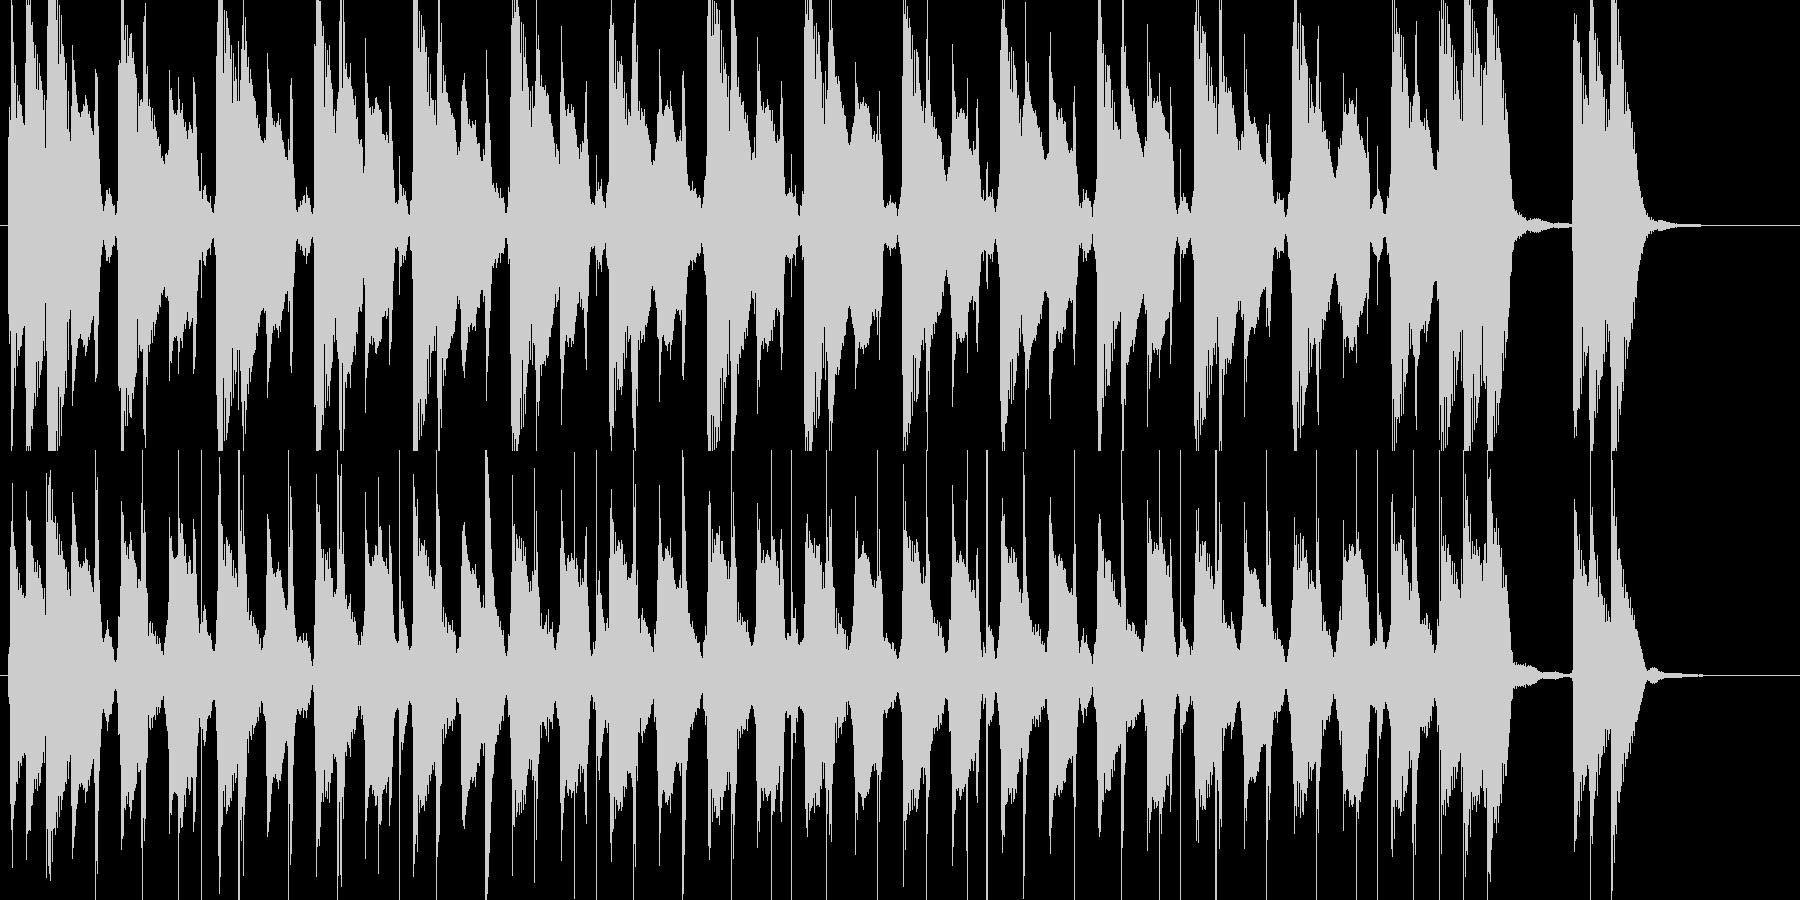 軽快な太鼓とグィロのグルーヴ プレーナの未再生の波形